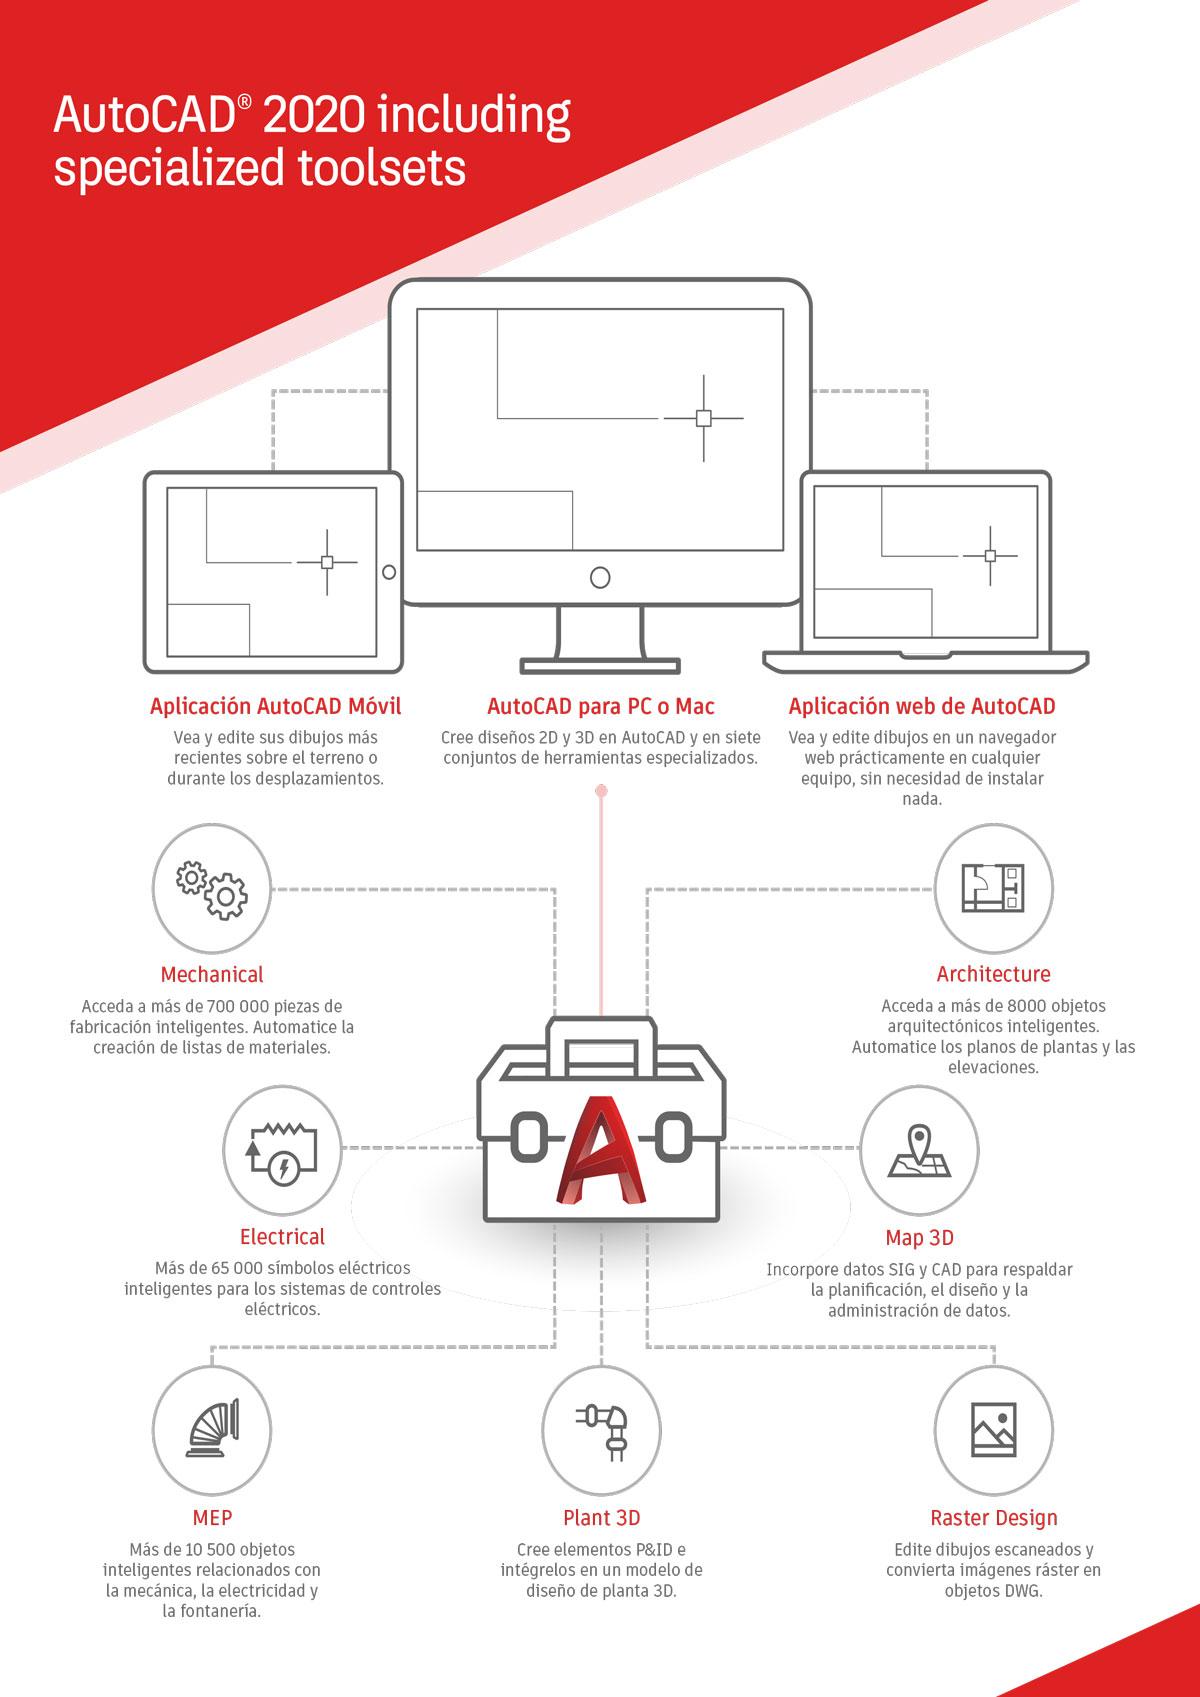 AutoCAD 2020, el software más veloz y flexible de Autodesk